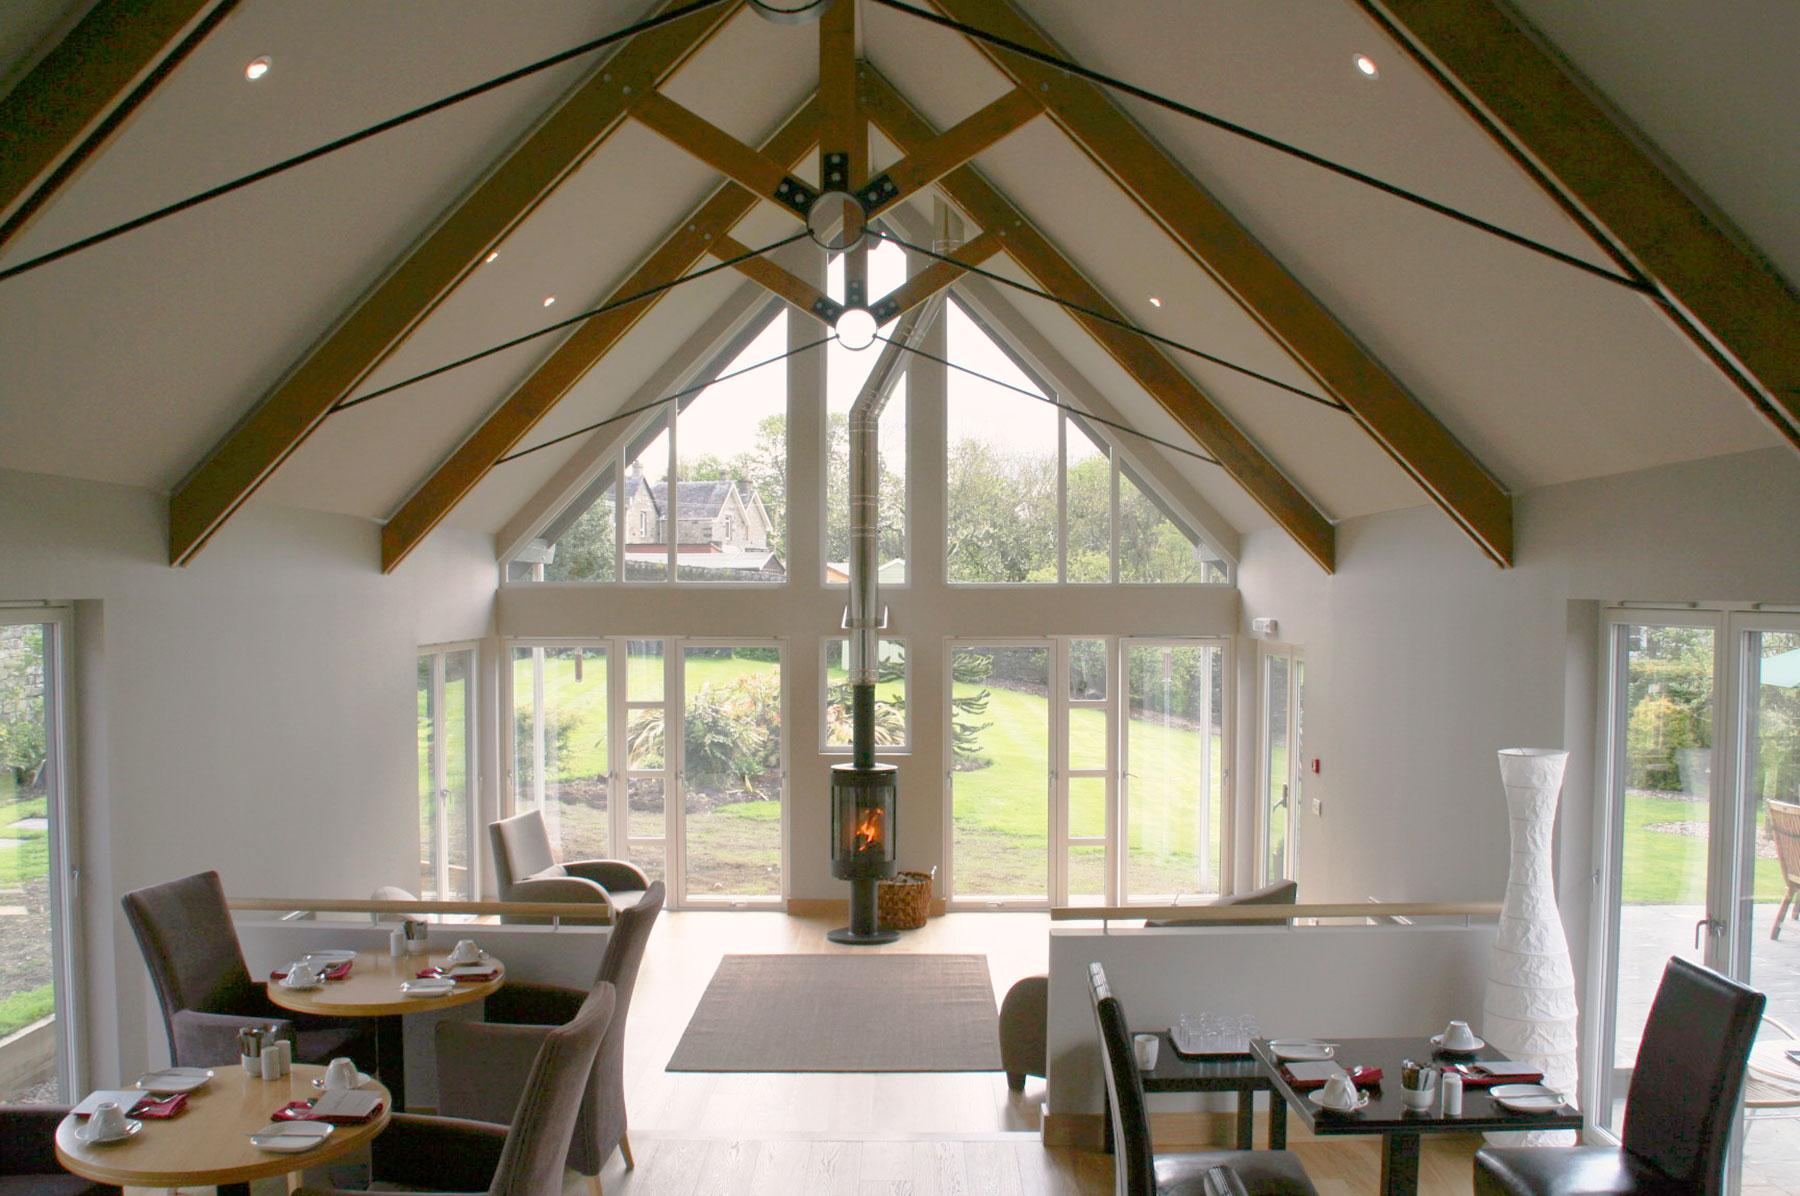 Cragatin design Pitlochry